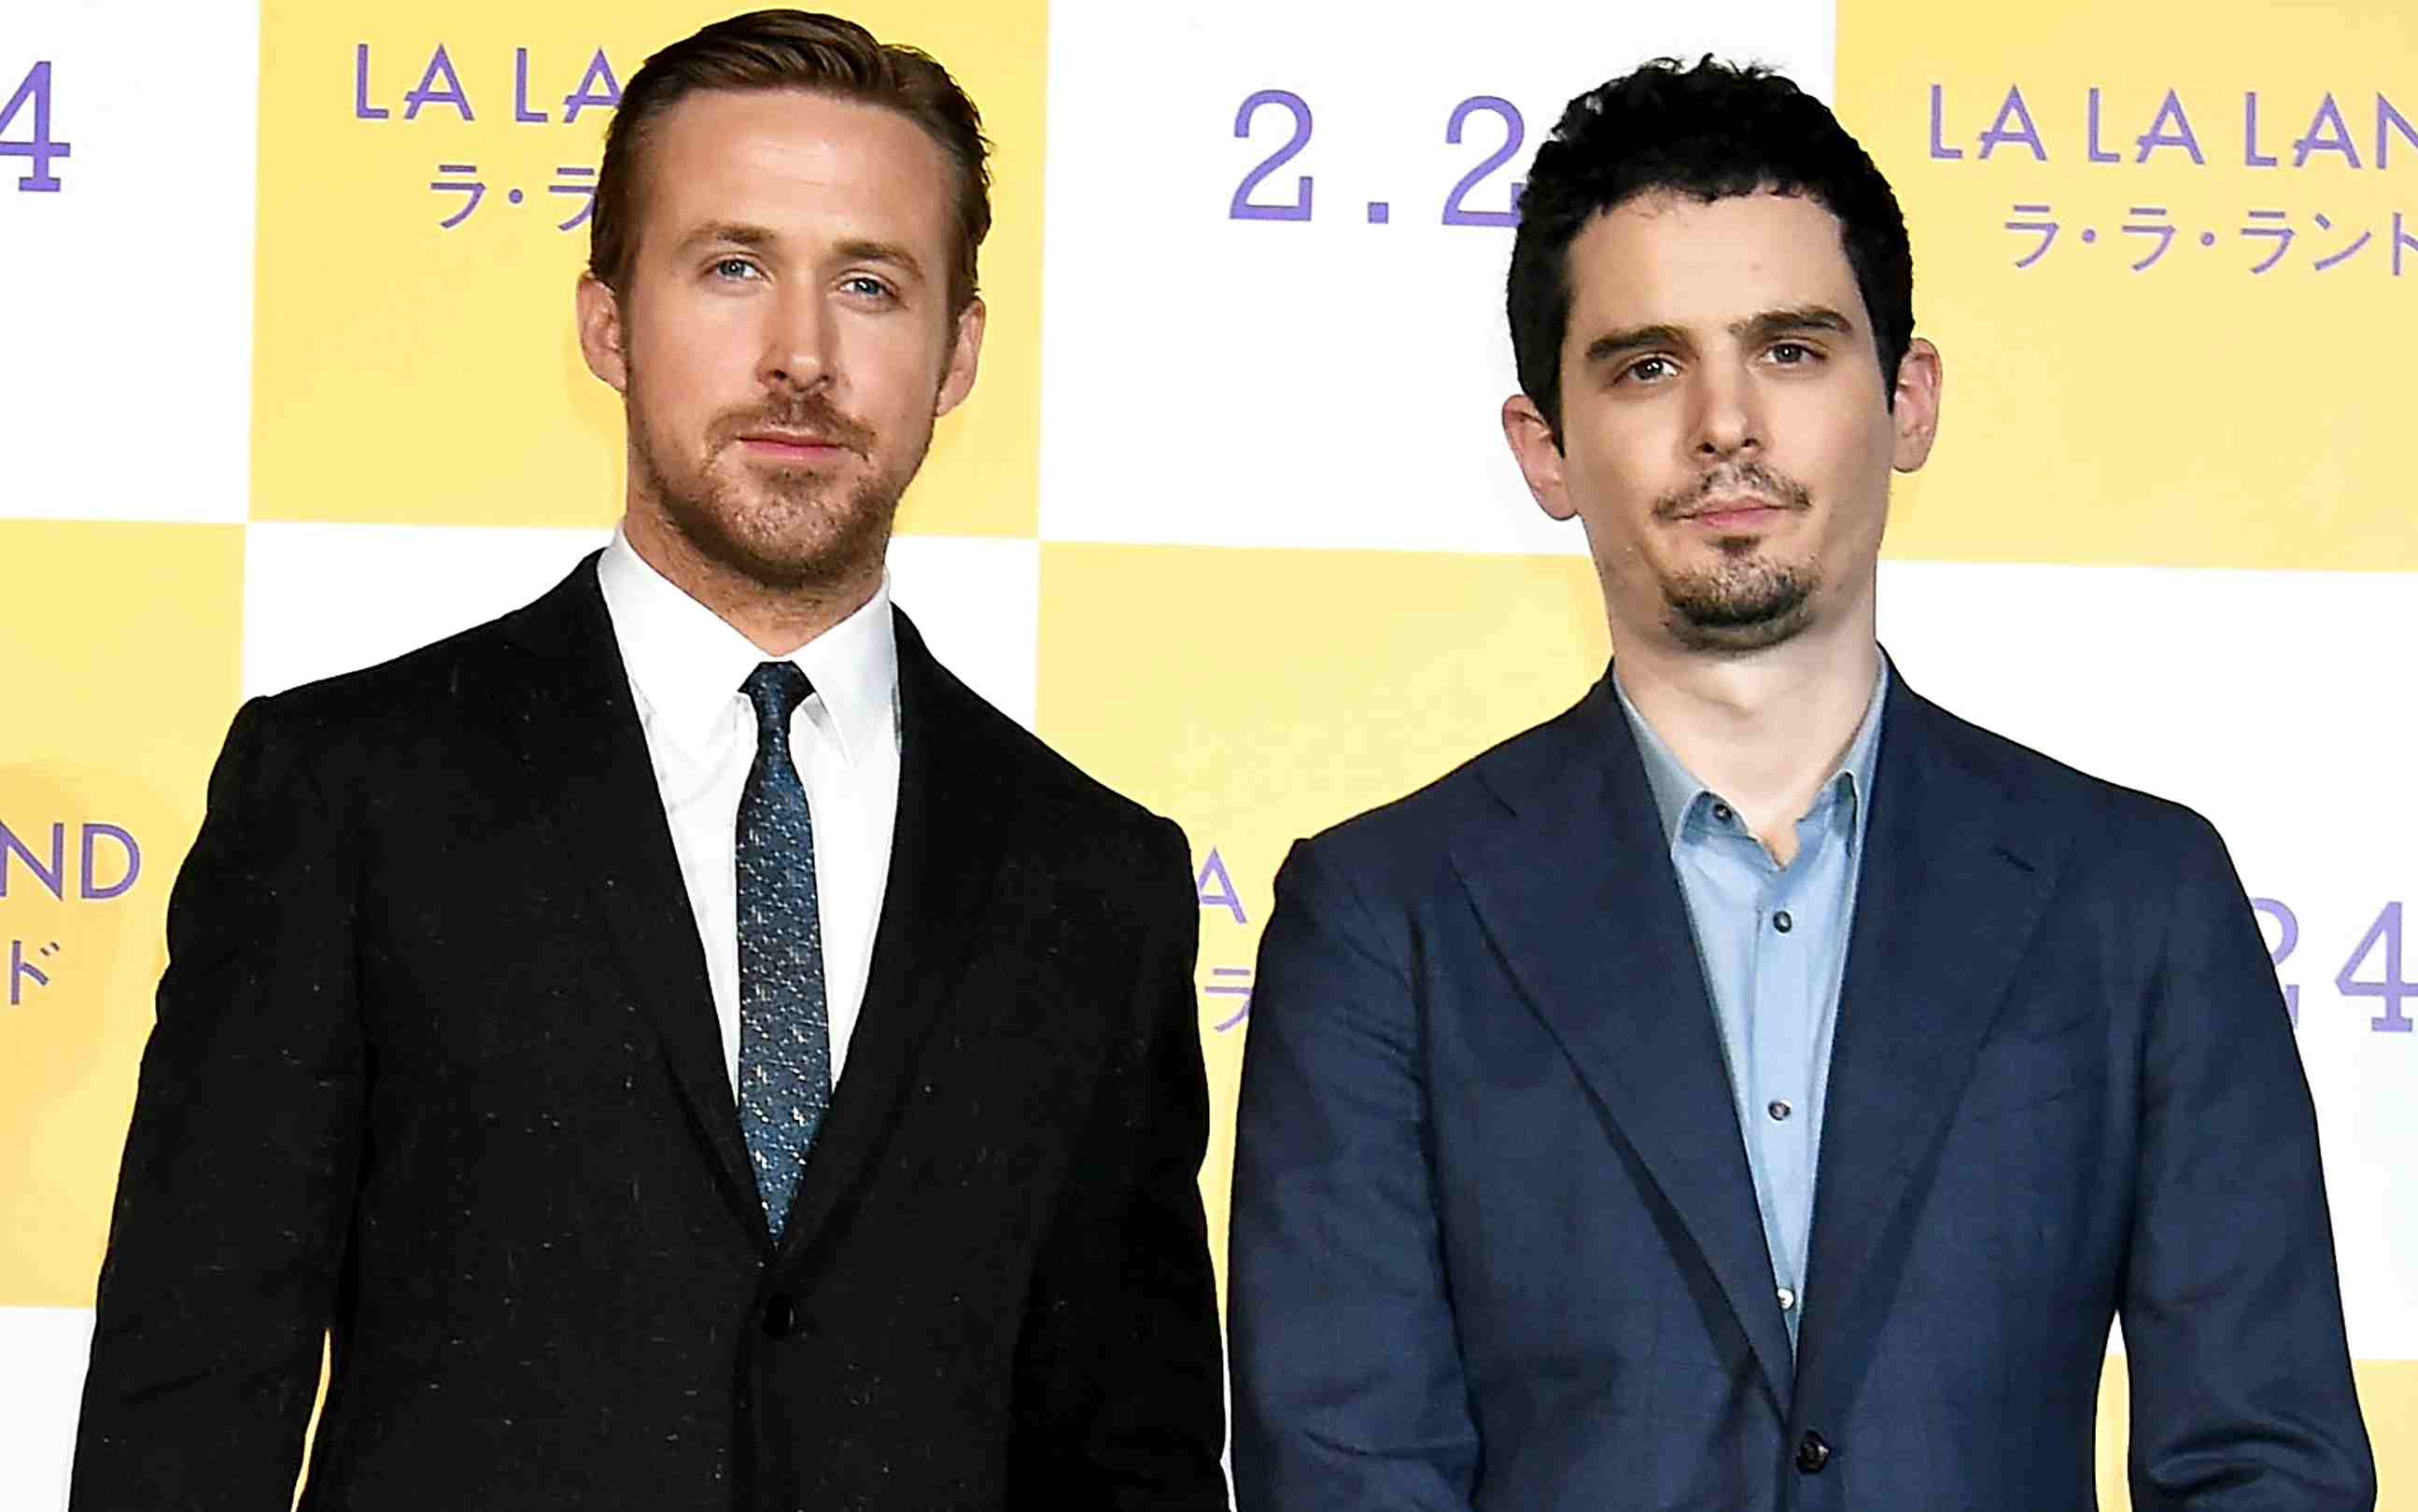 el sumario - La película dirigida por Damian Chazelle y protagonizada por Ryan Gosling será la encargada de la inauguración de evento